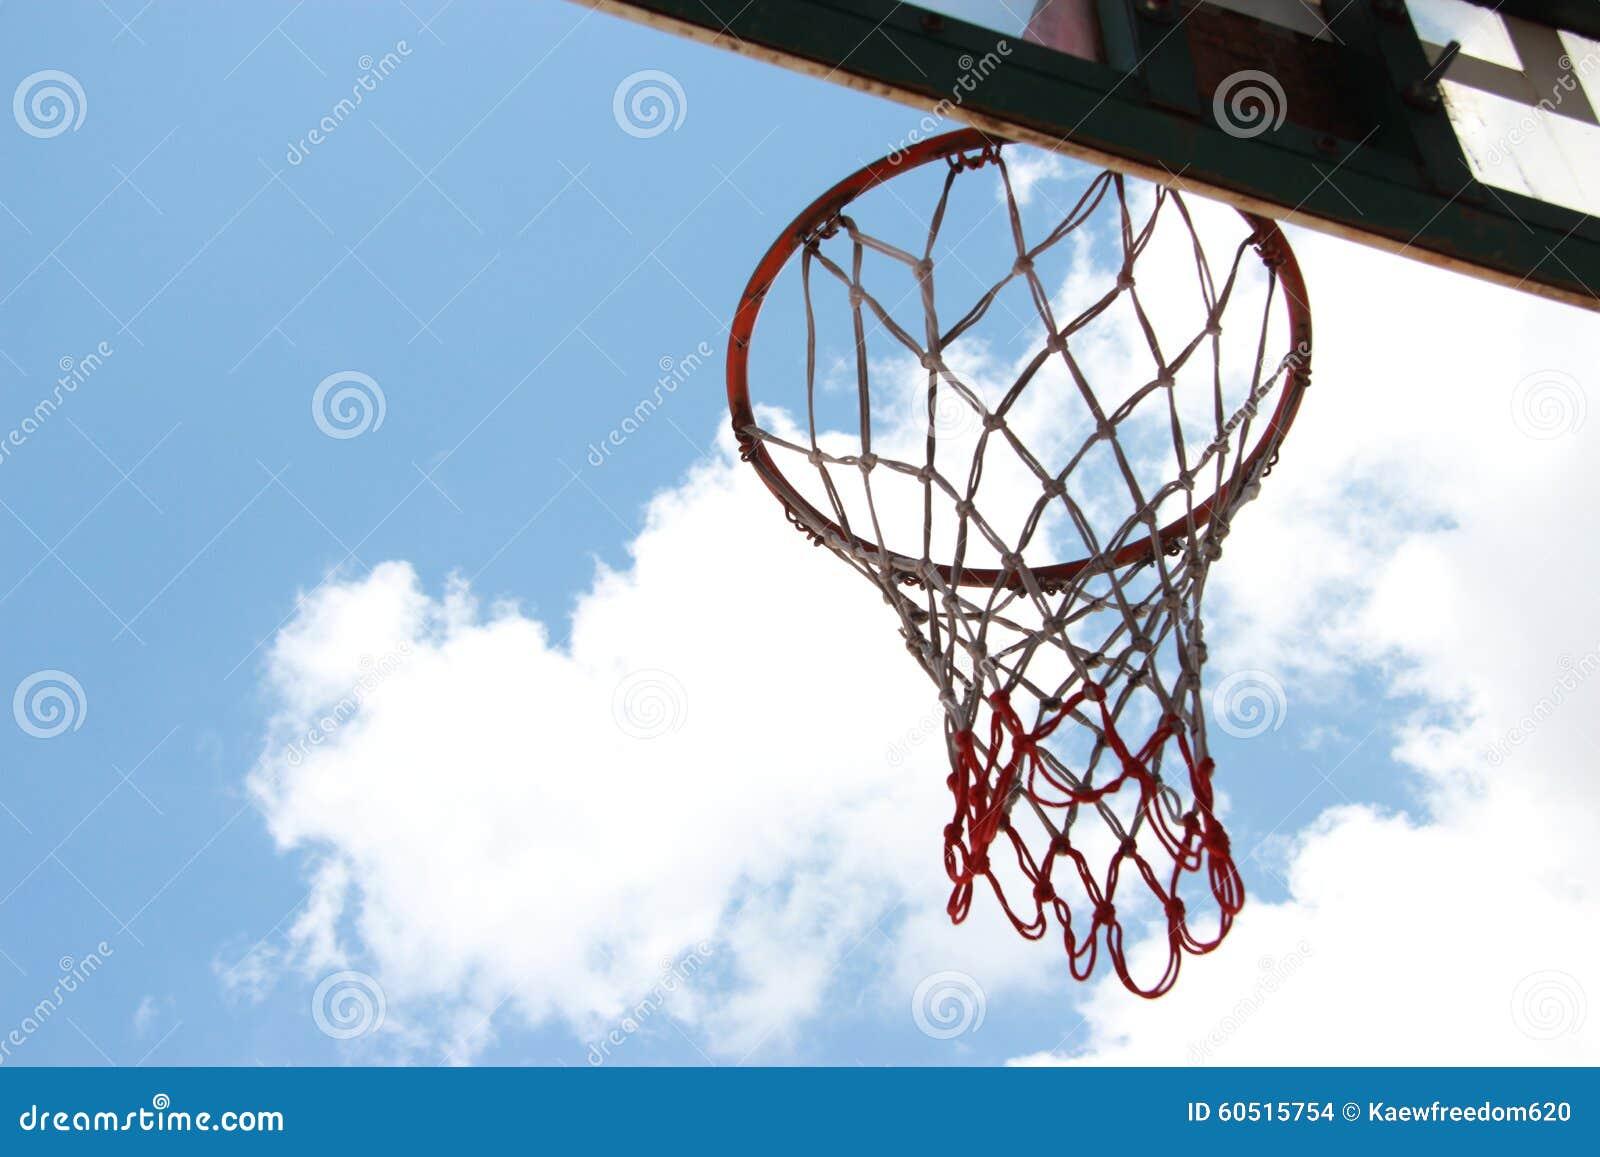 Basketbalhoepel